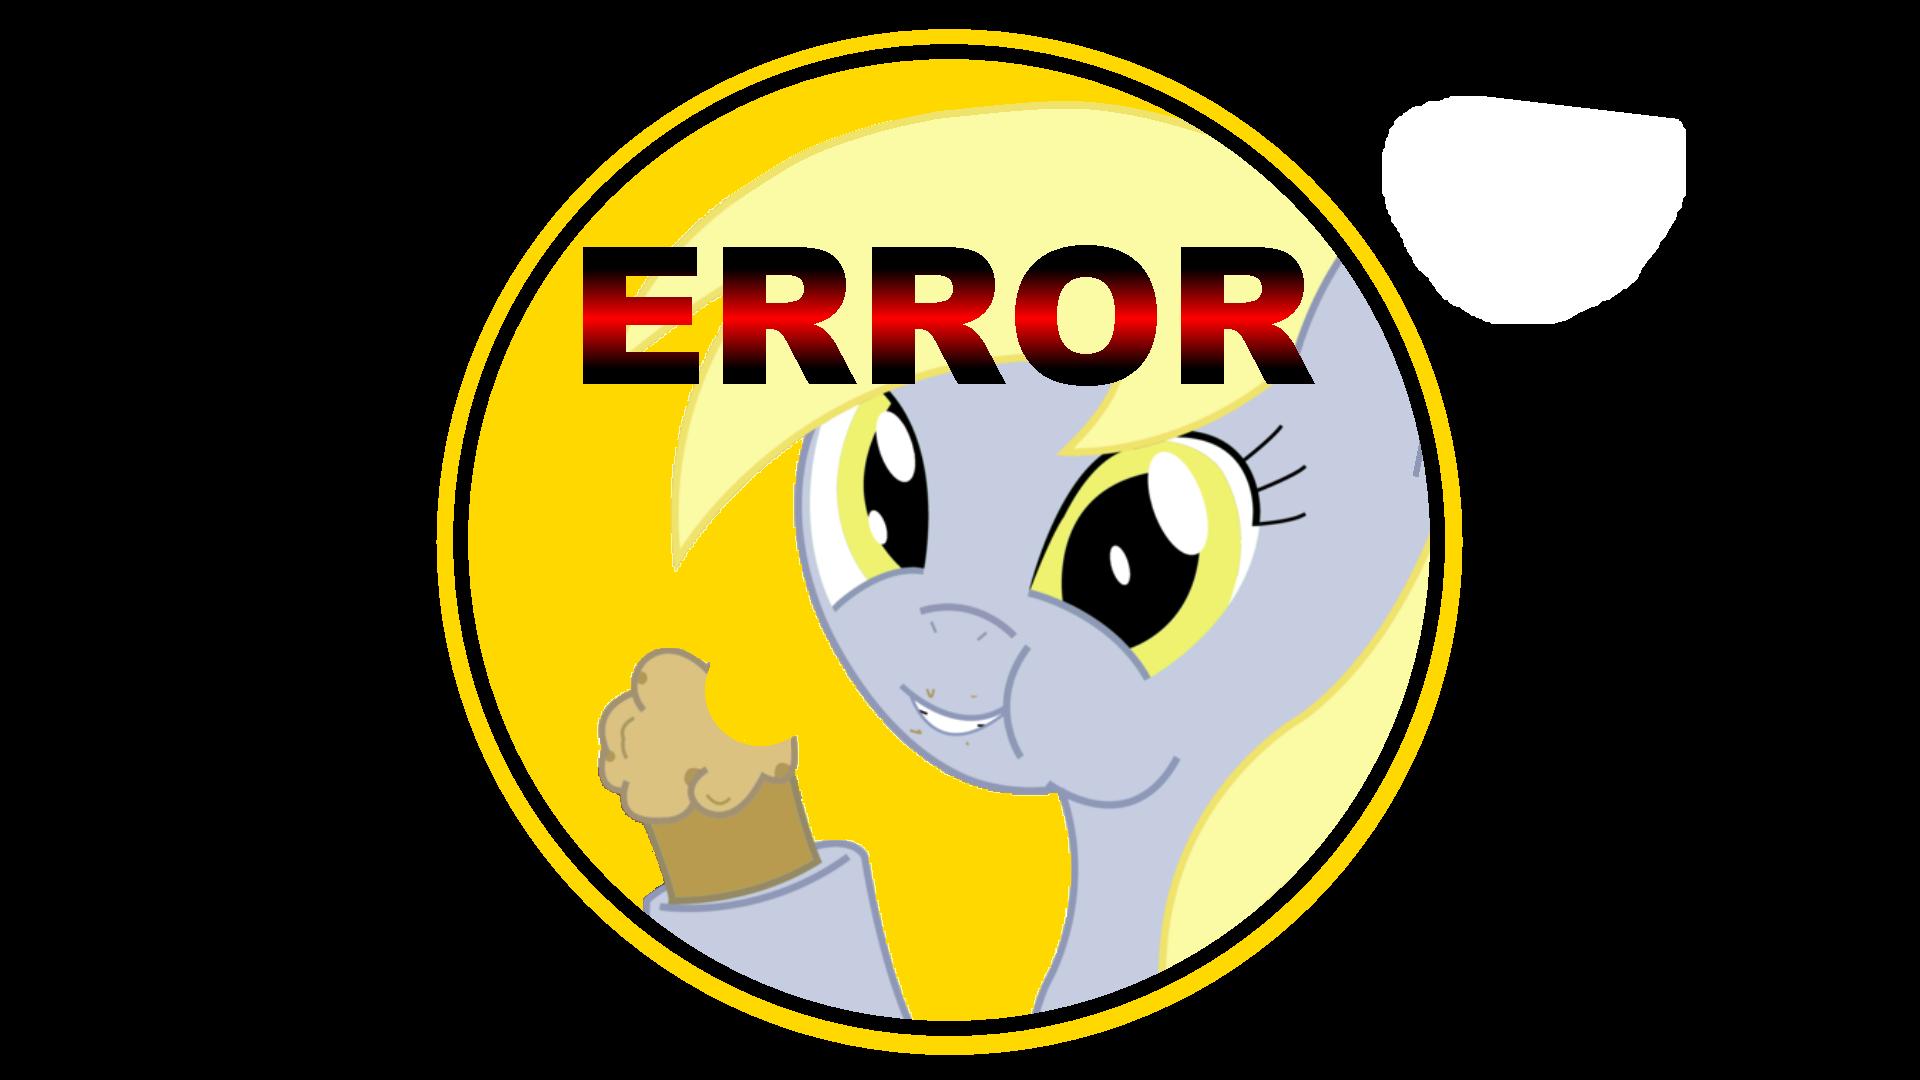 Derpy Error by ArdonSword